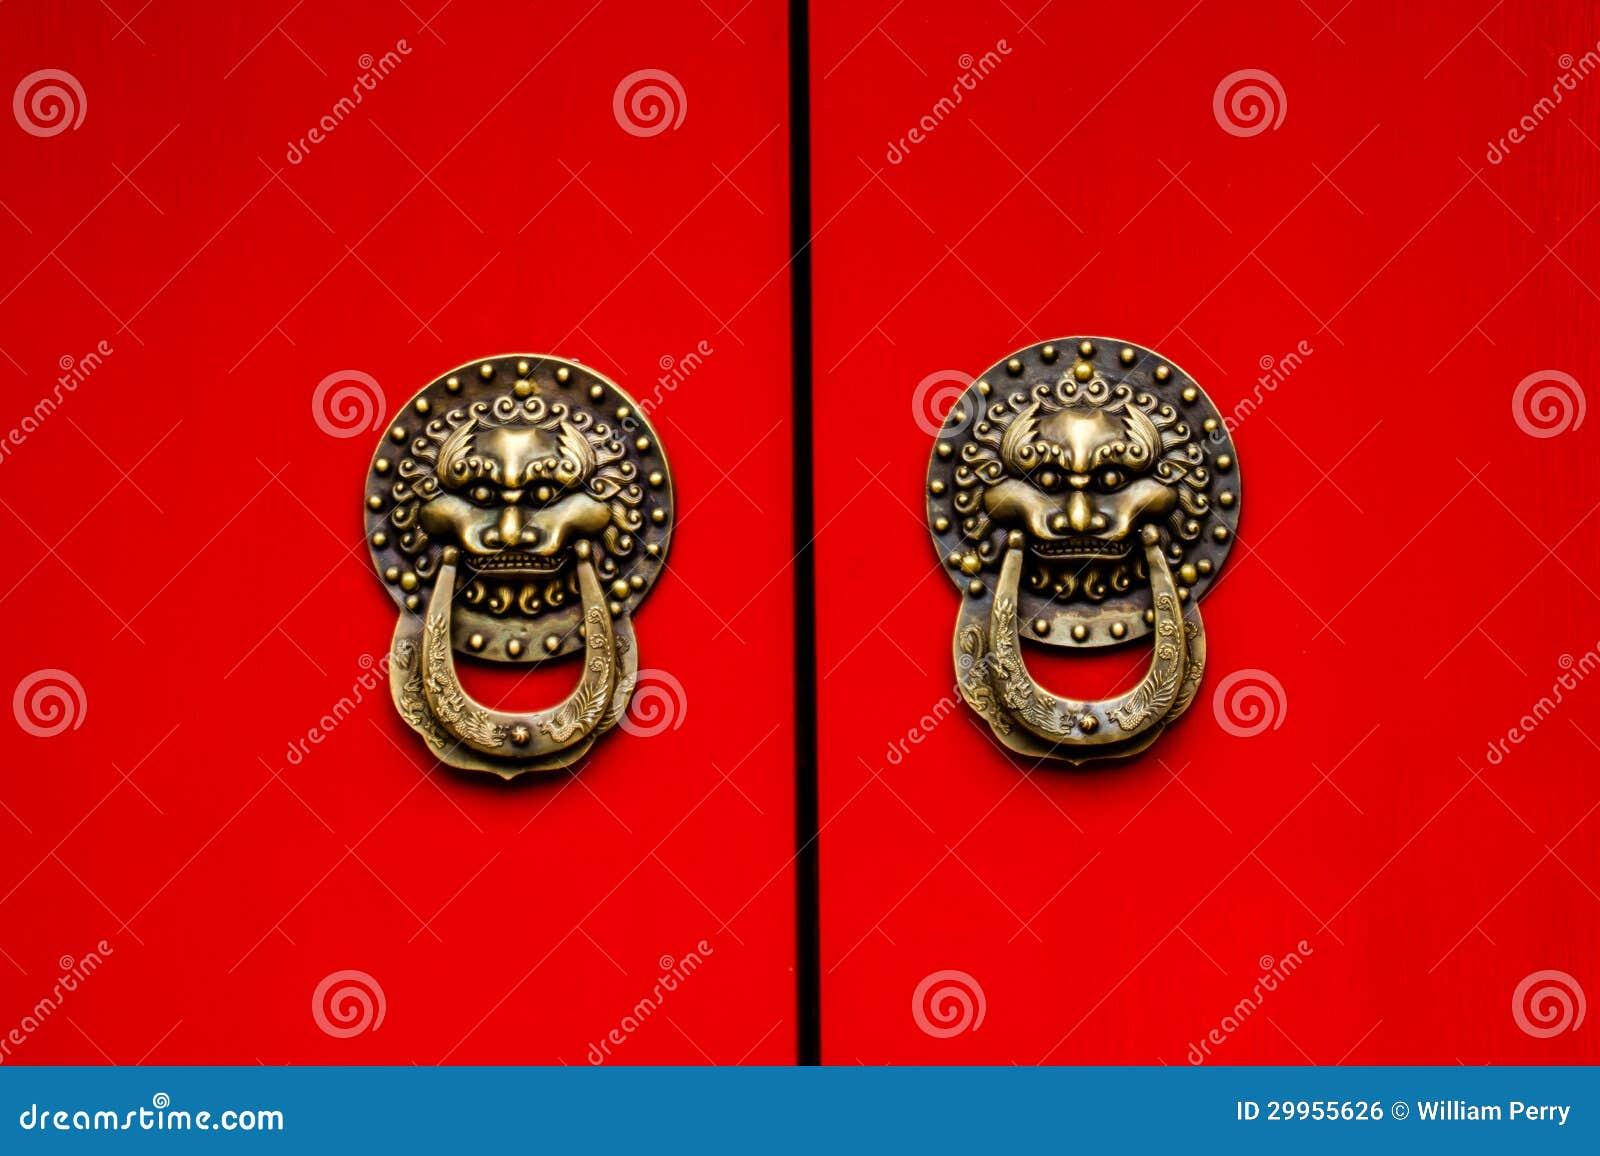 Red Door Ornate Dragon Brass Knockers Houhai Lake Beijing, China